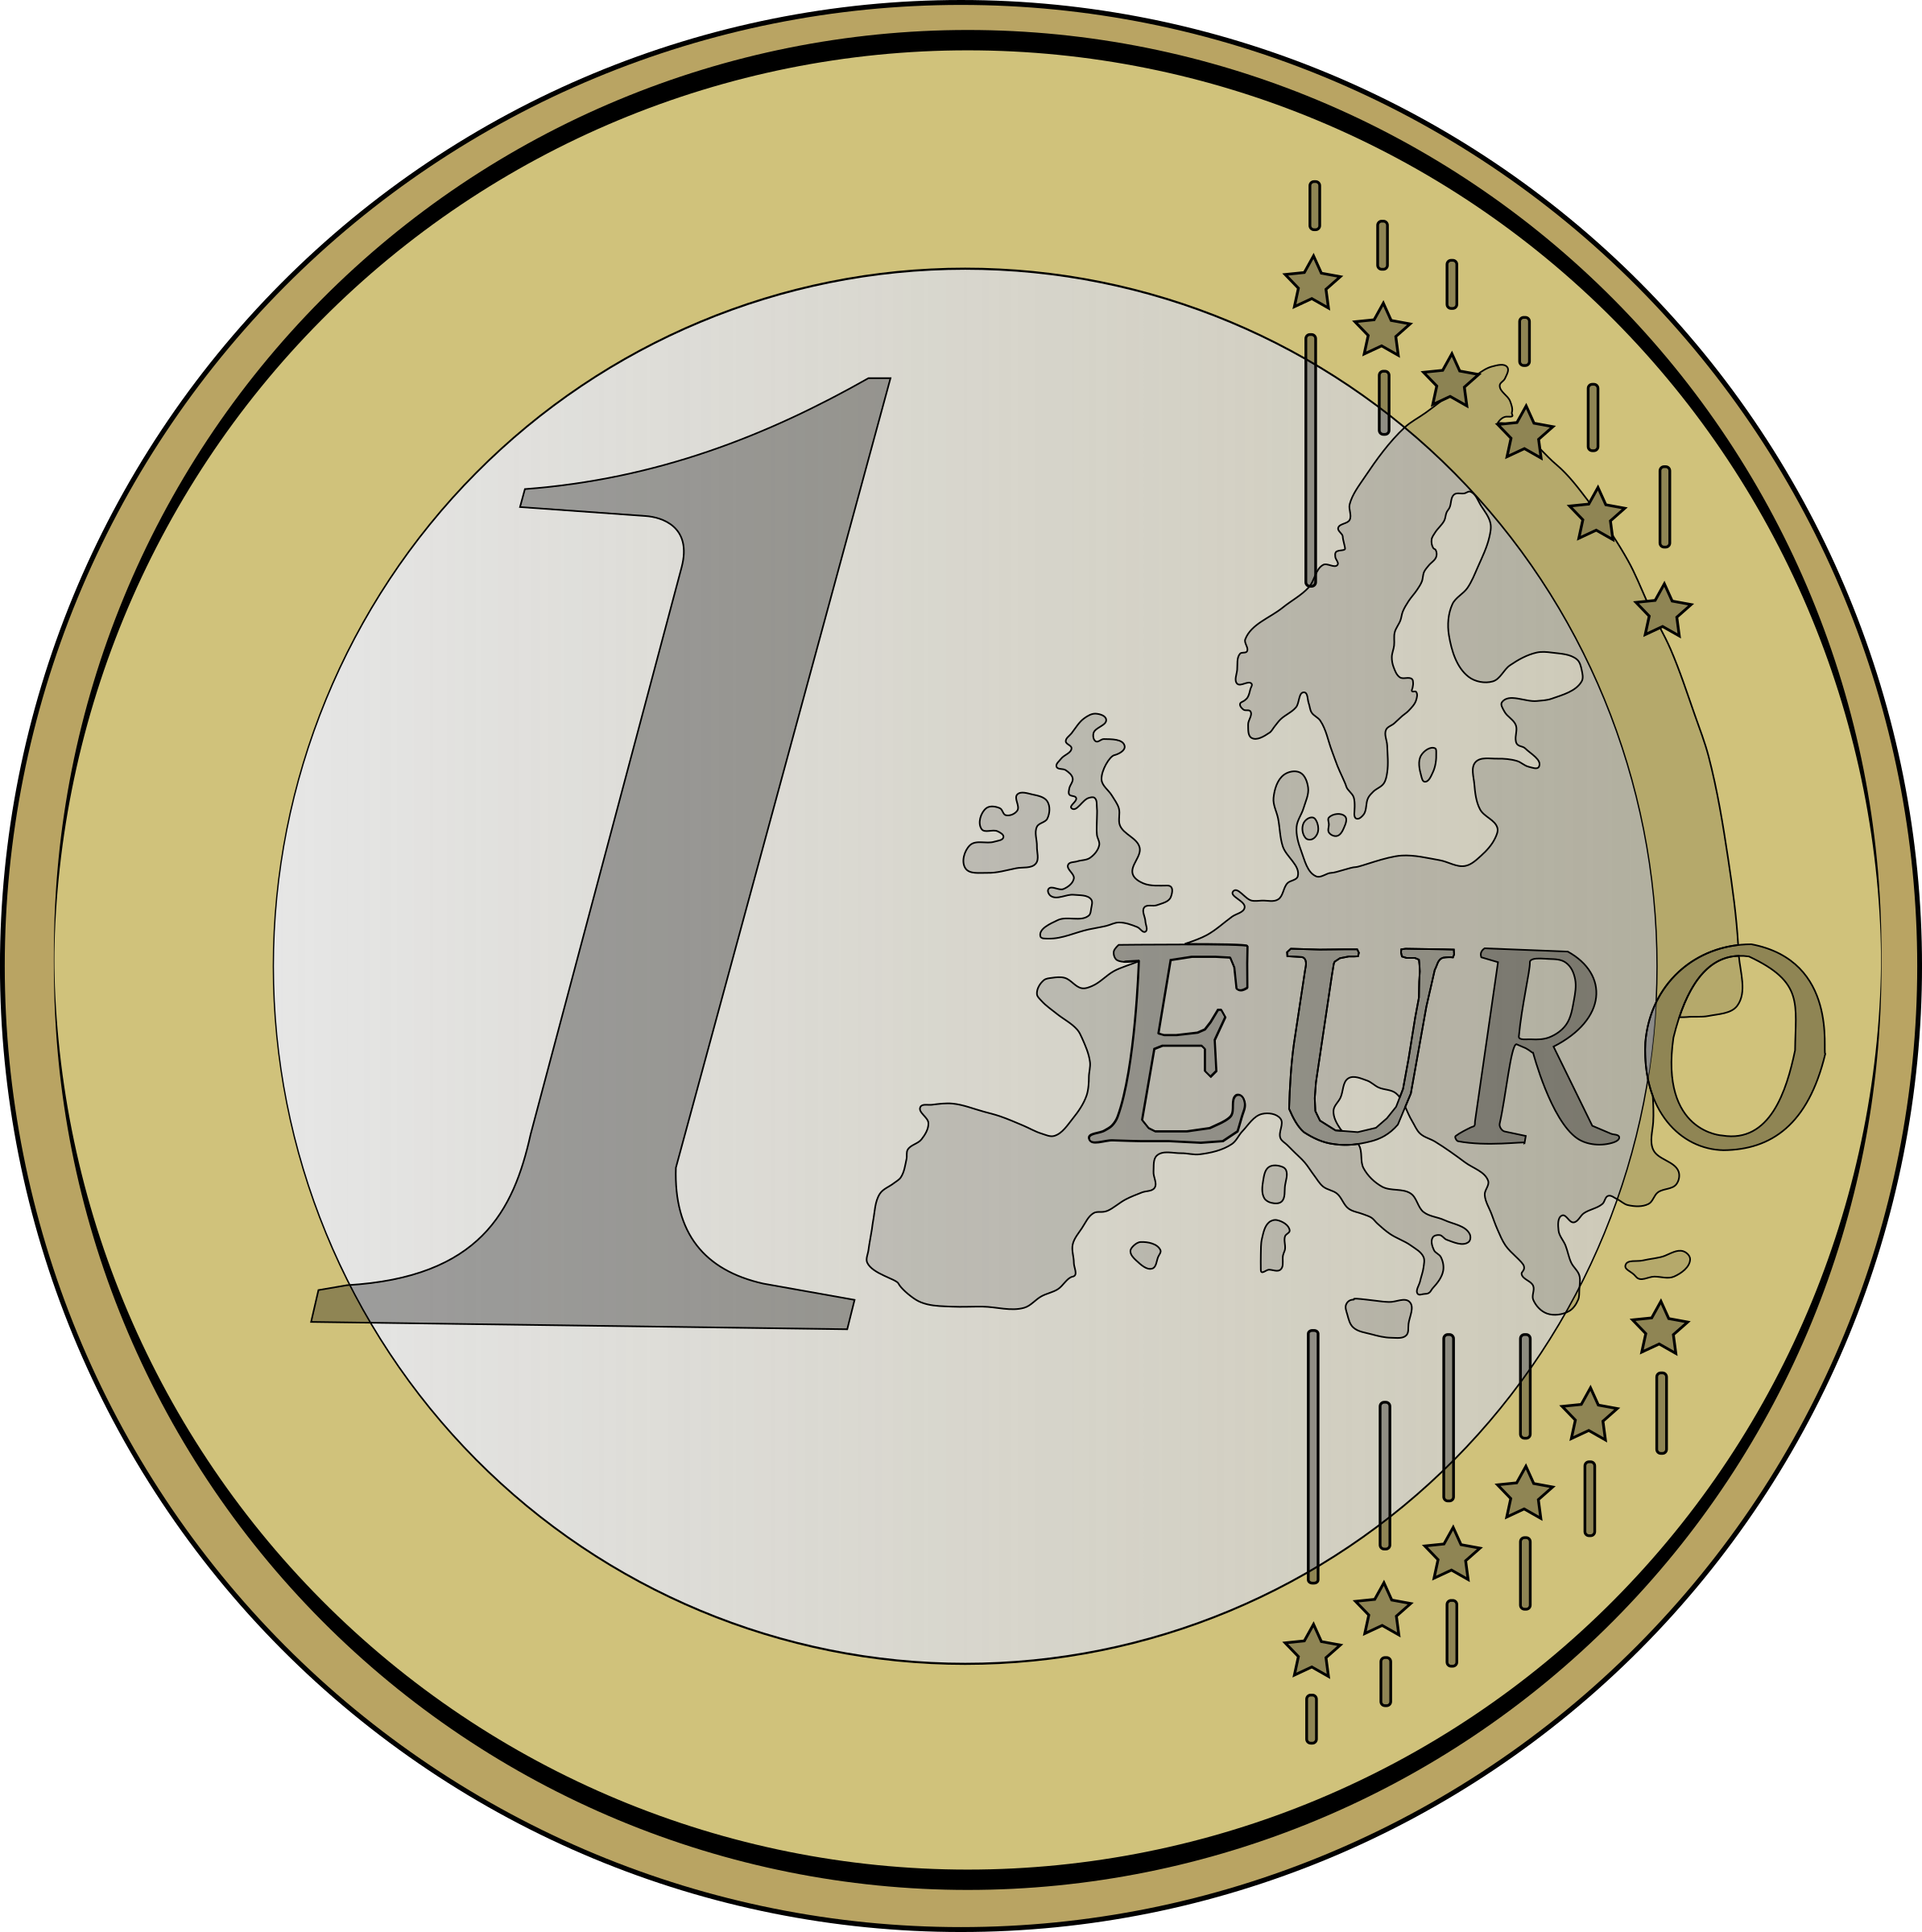 Les écarts d'inflation entre zone euro et dollar